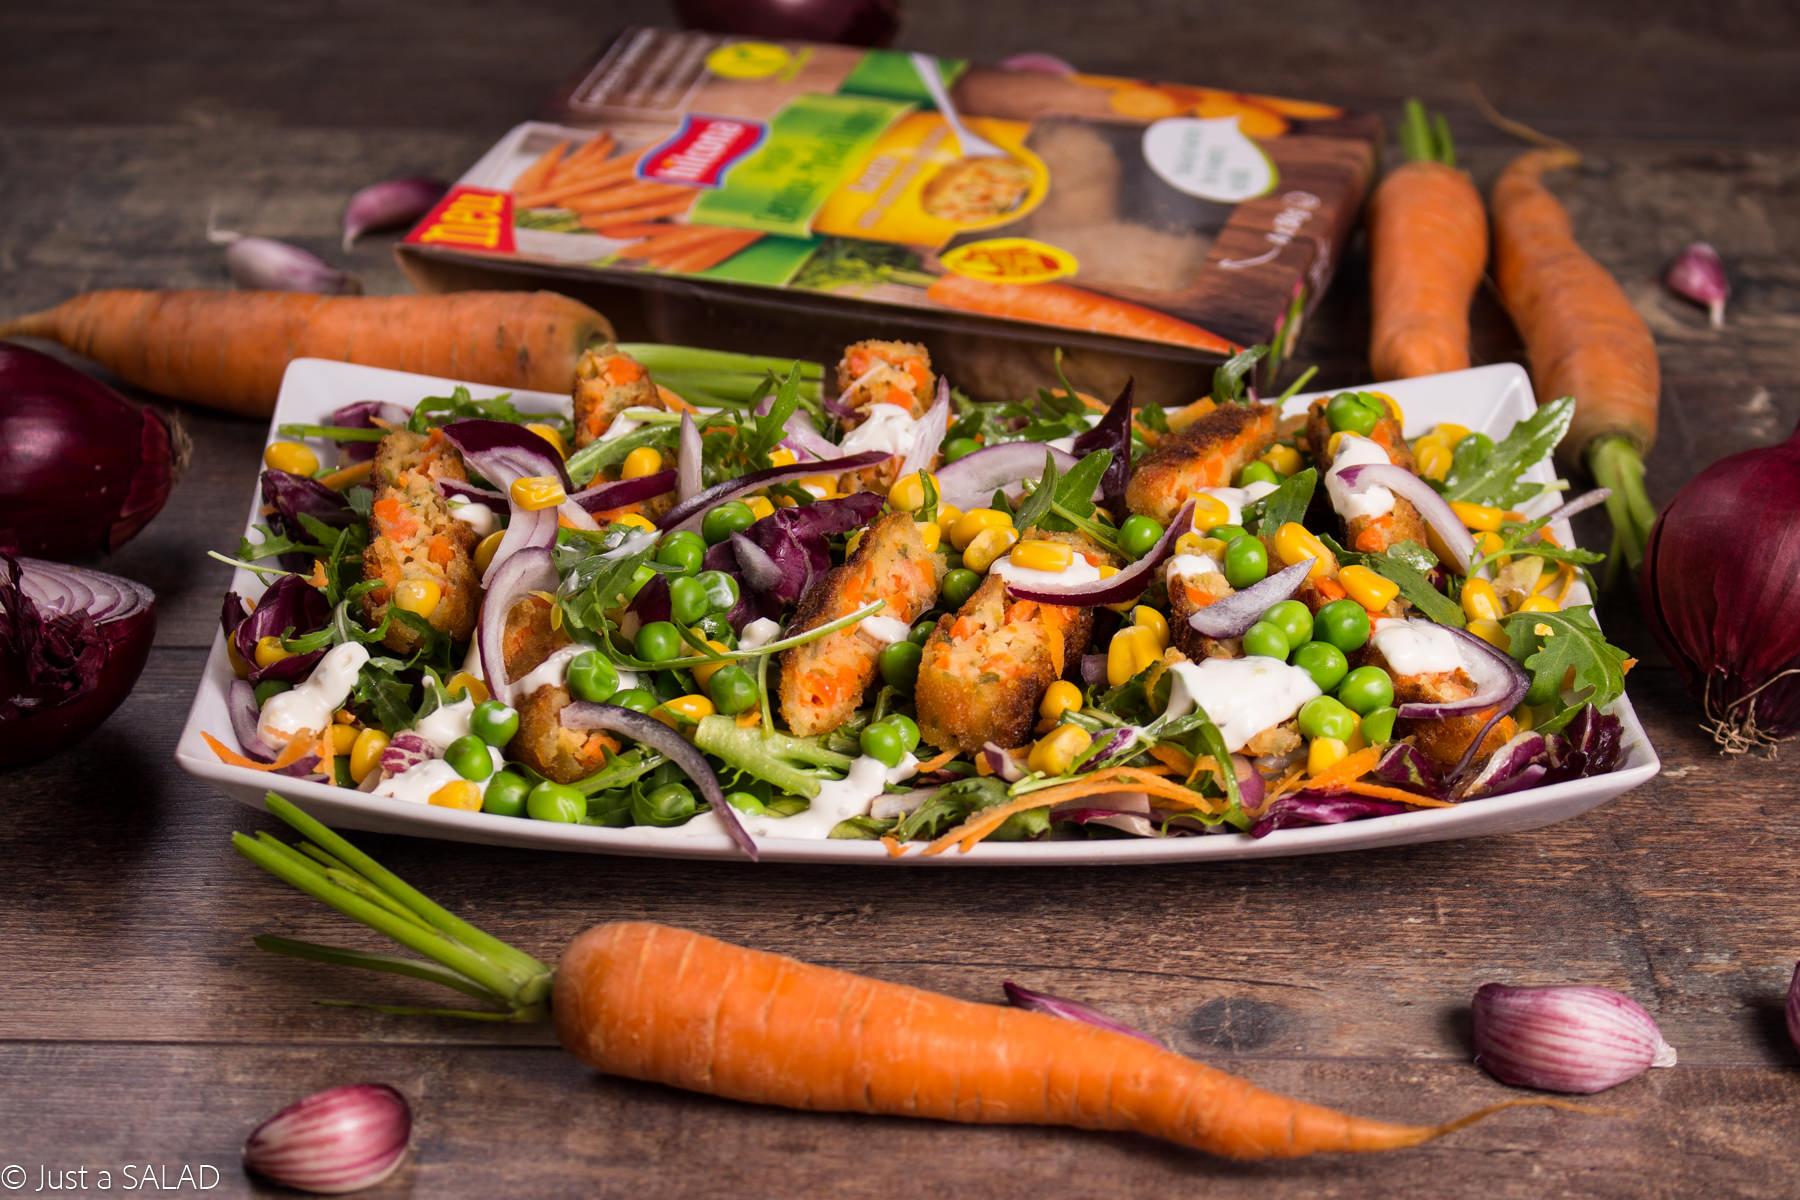 Sałatka z kotlecikami Veggie, marchewką, groszkiem, kukurydzą, czerwoną cebulą.